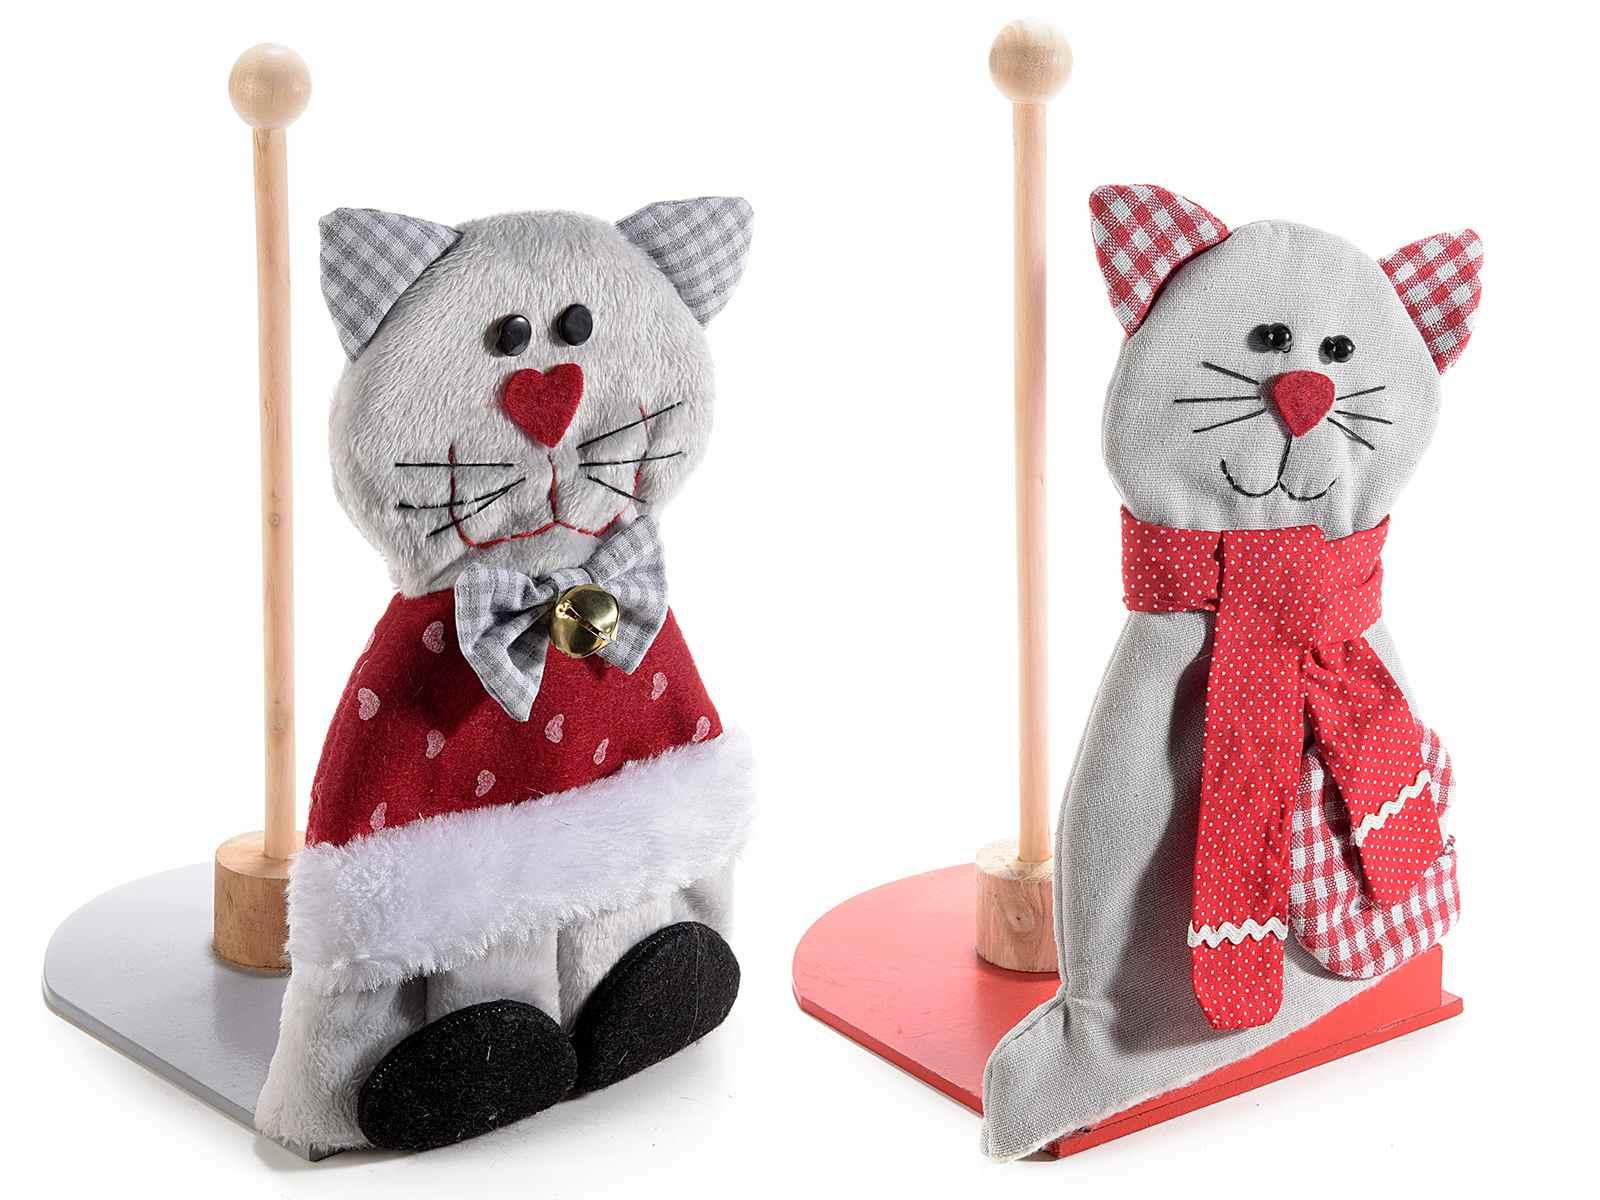 Gatto in feltro con portarotolo da cucina in legno (56.30.16) - Art ...